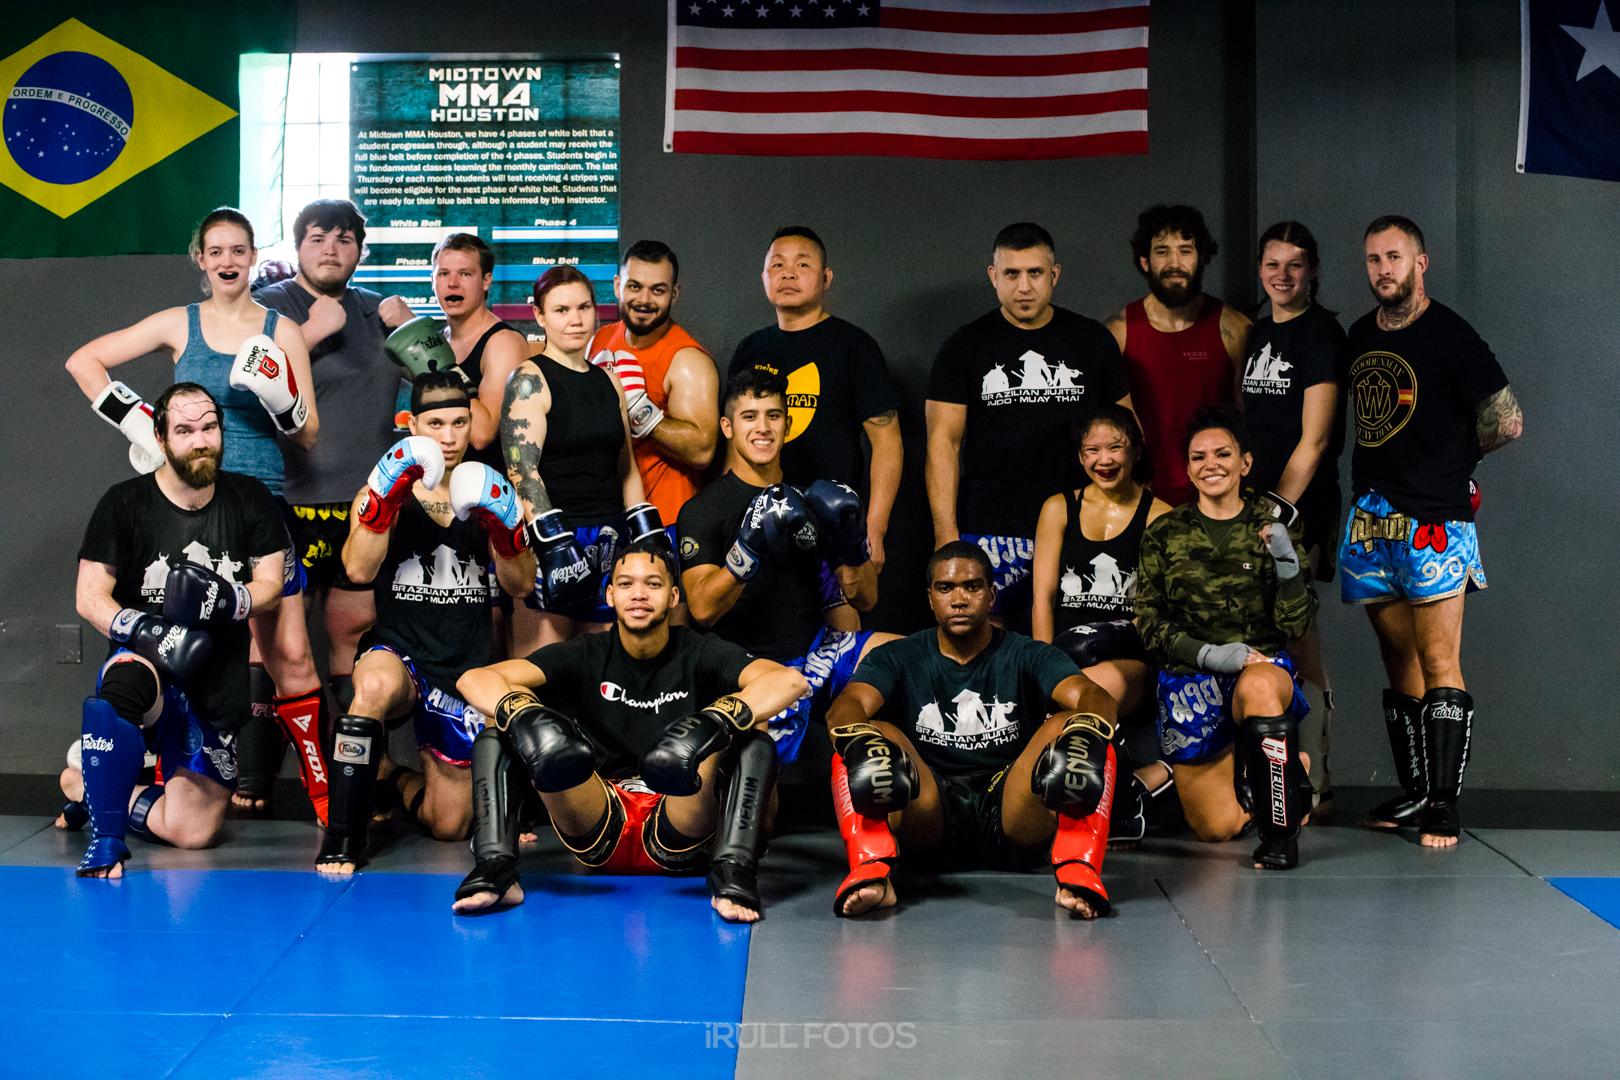 Jongsanan Fairtex at Midtown MMA Houston